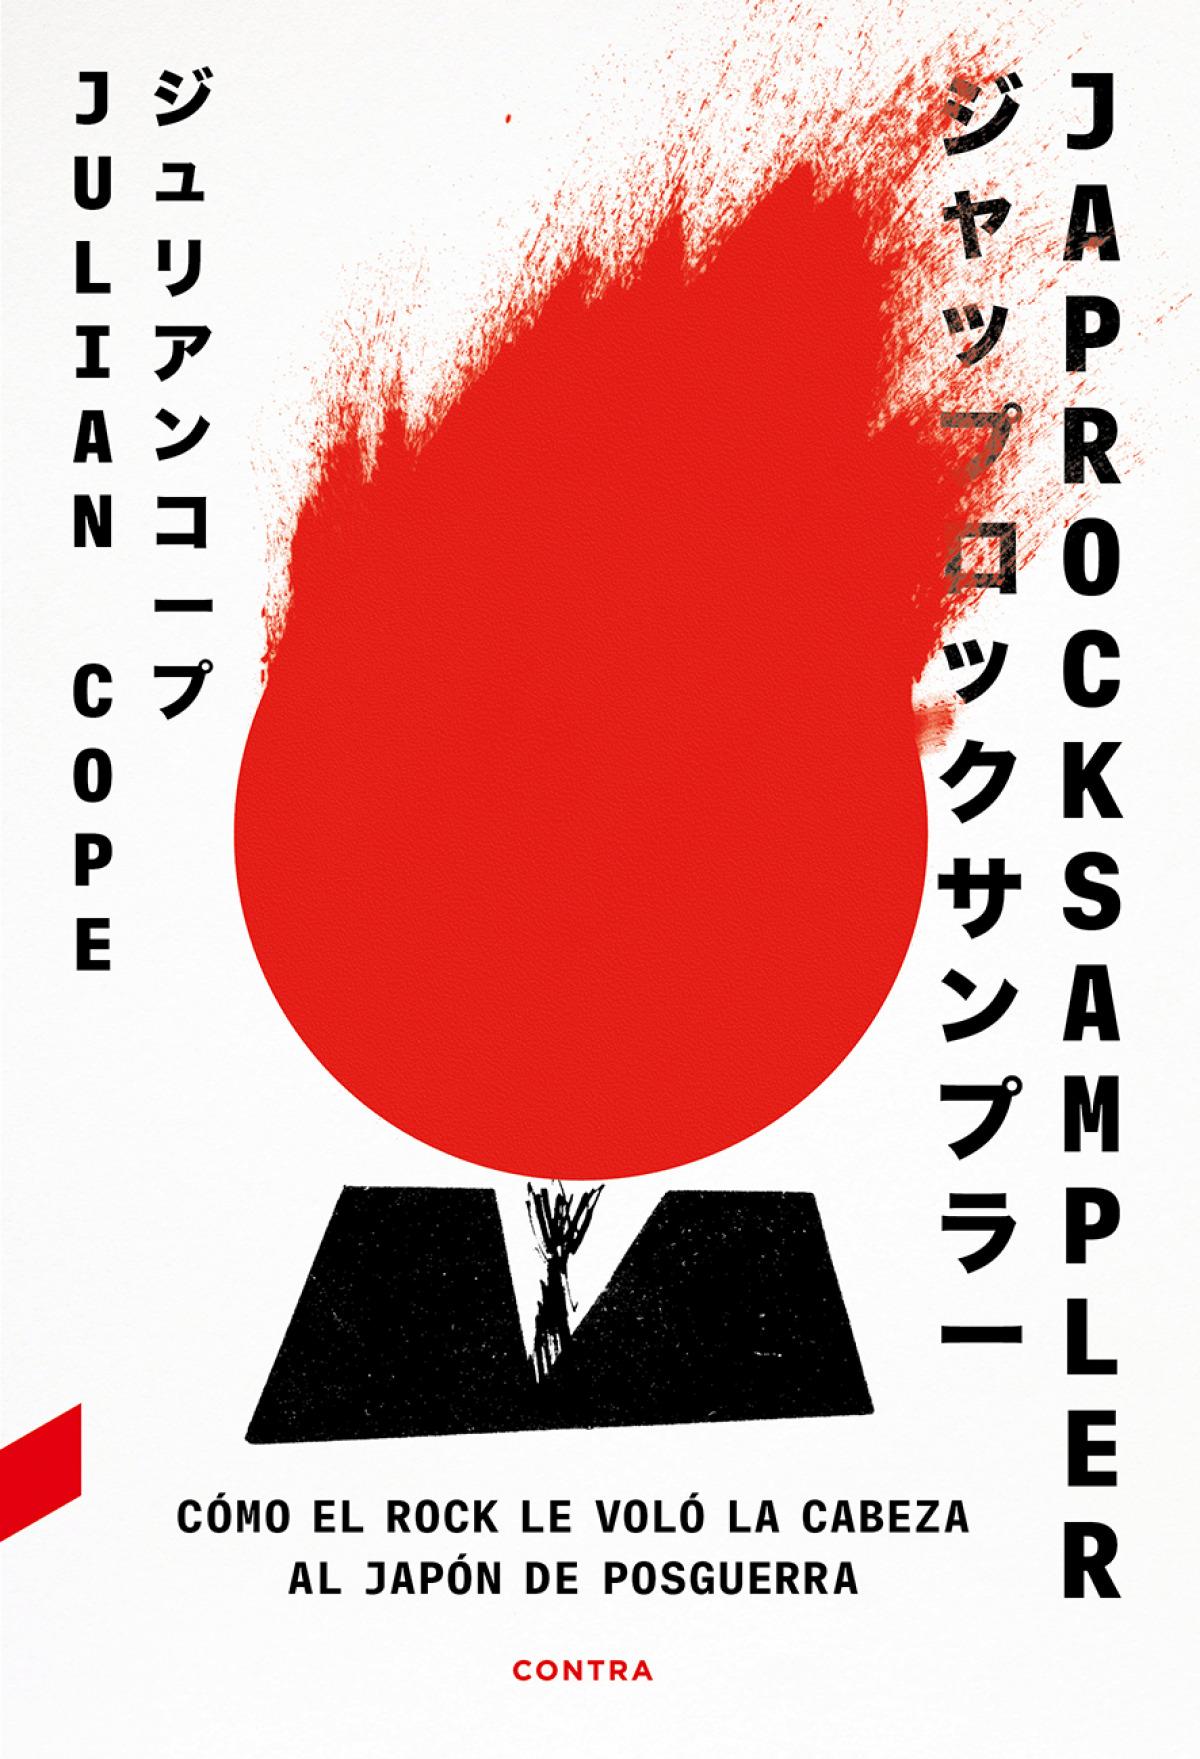 Japrocksampler: Cómo el rock le voló la cabeza al Japón de posguerra